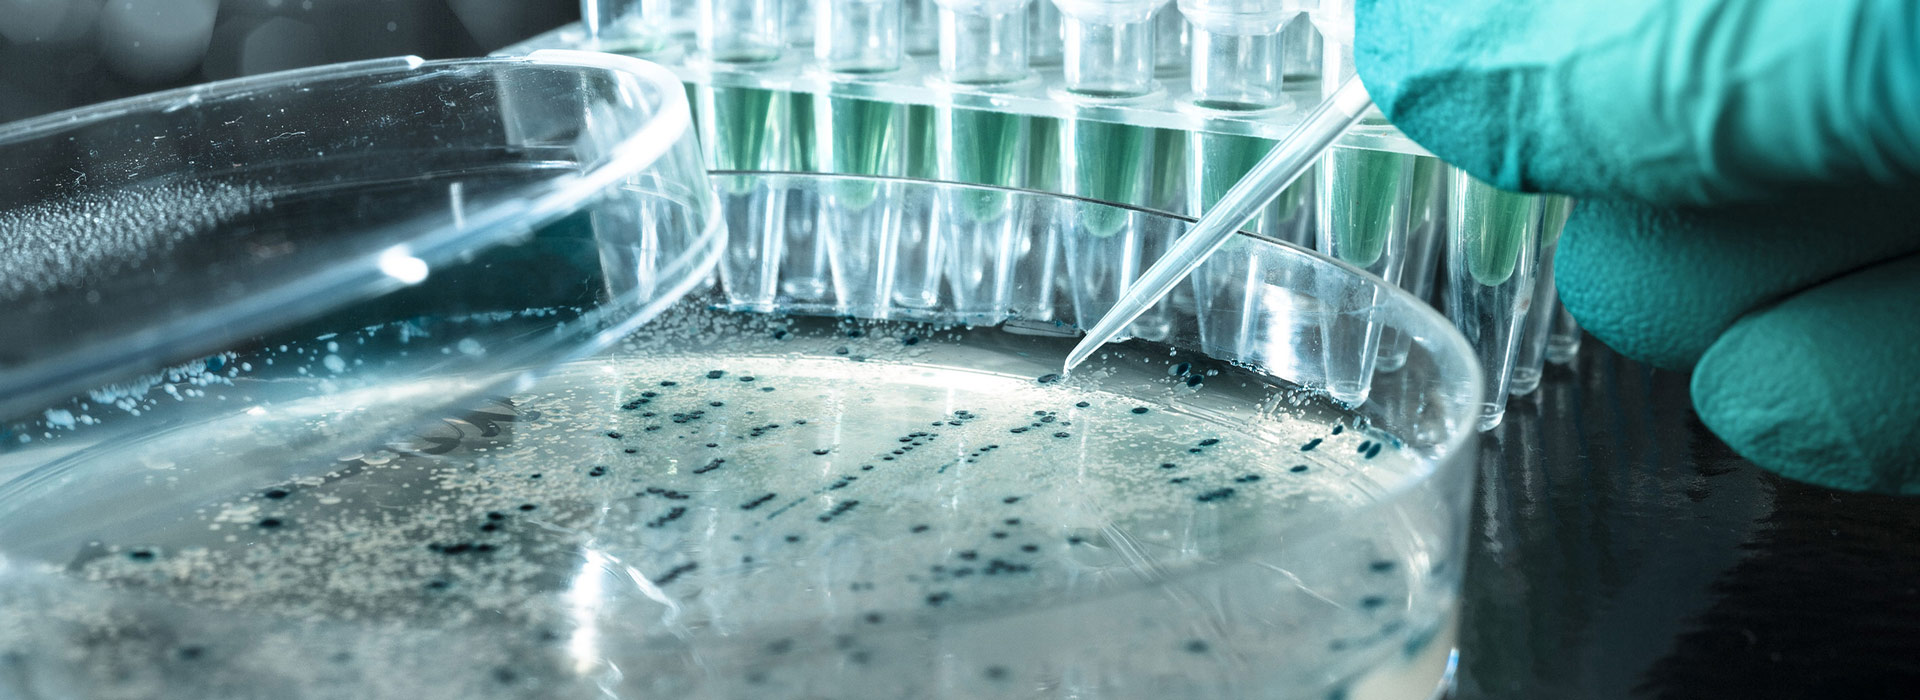 Лабораторная посуда для микробиологии